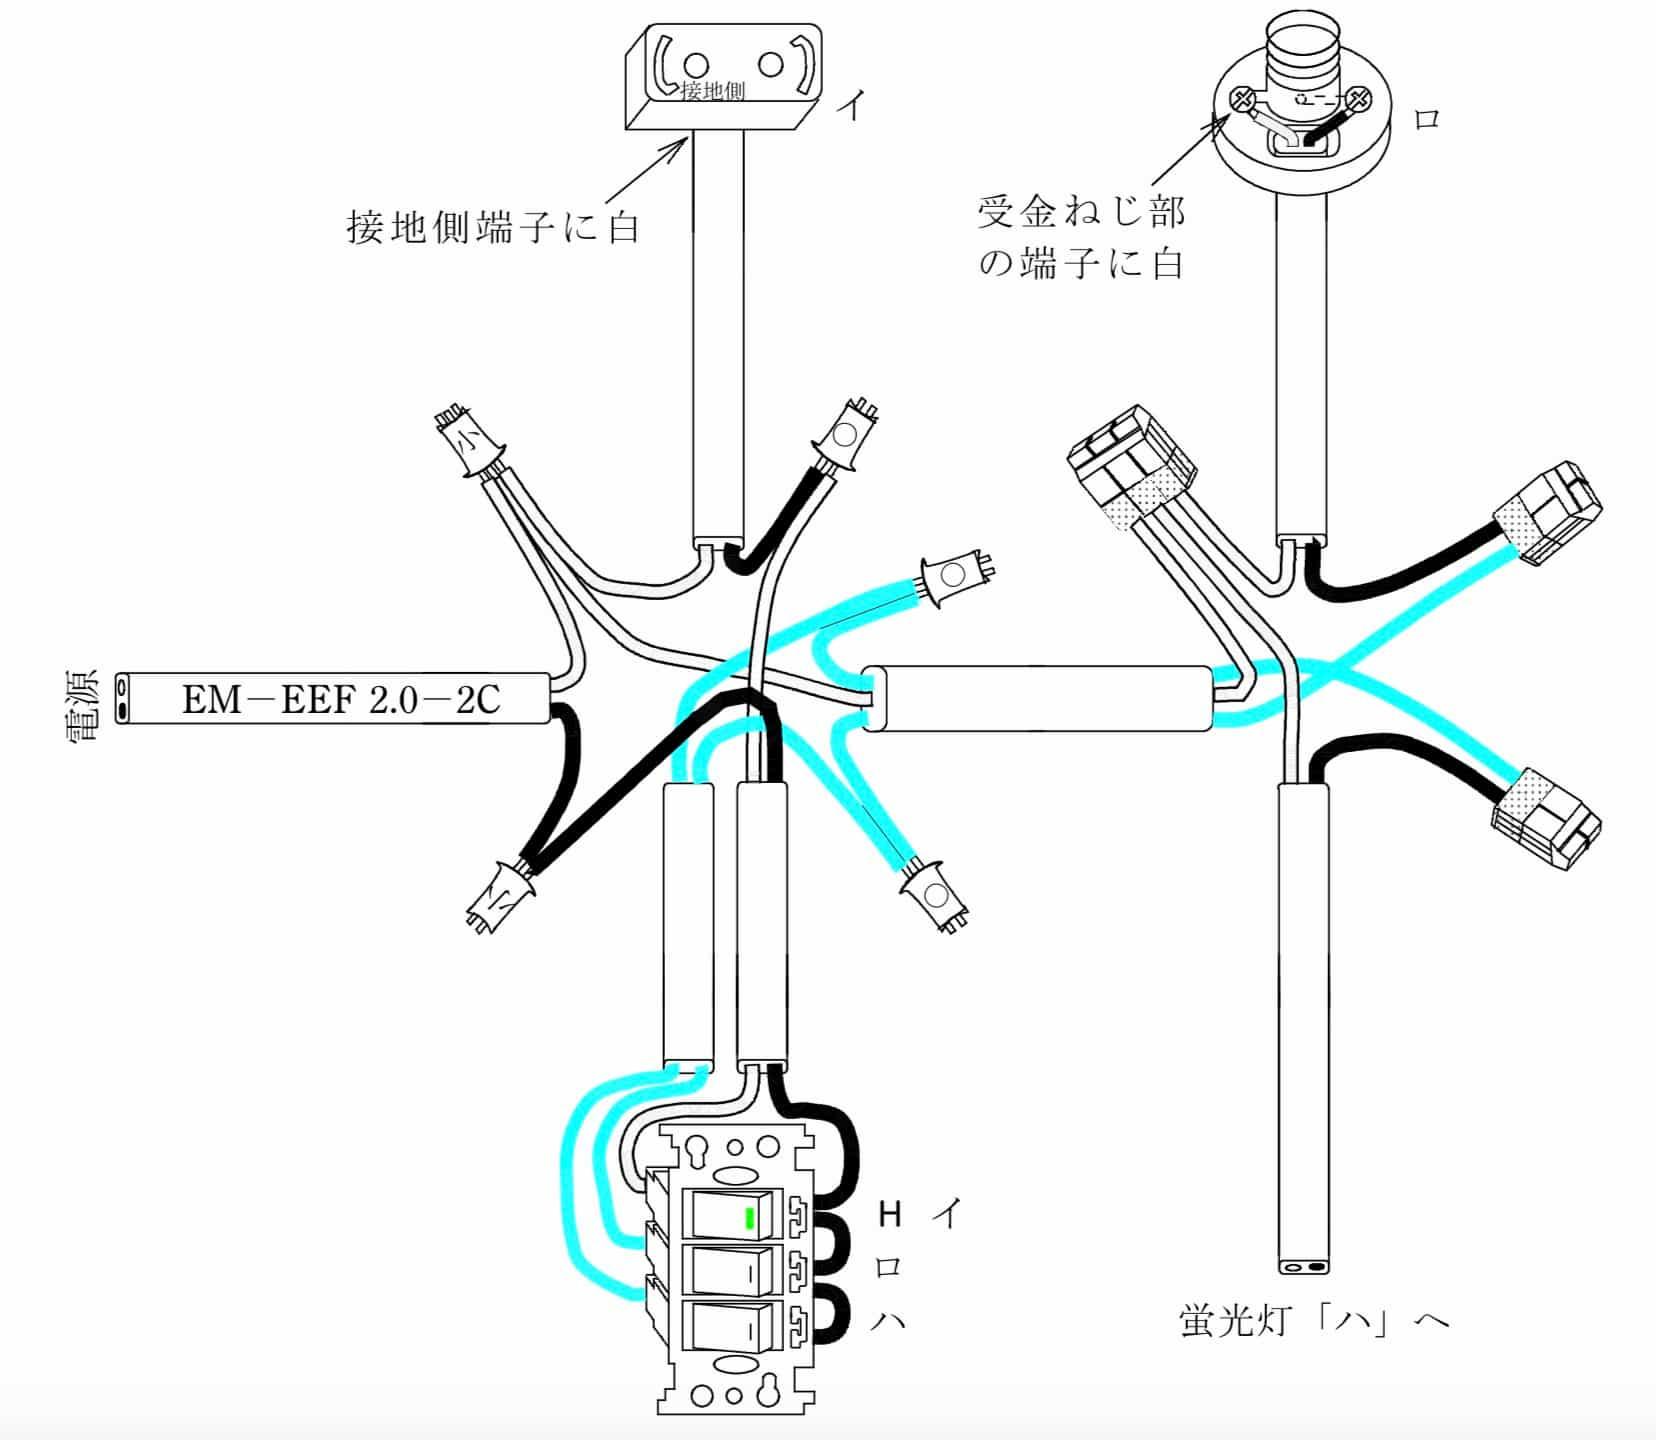 第二種電気工事士の技能試験の試験問題No.1の概念図